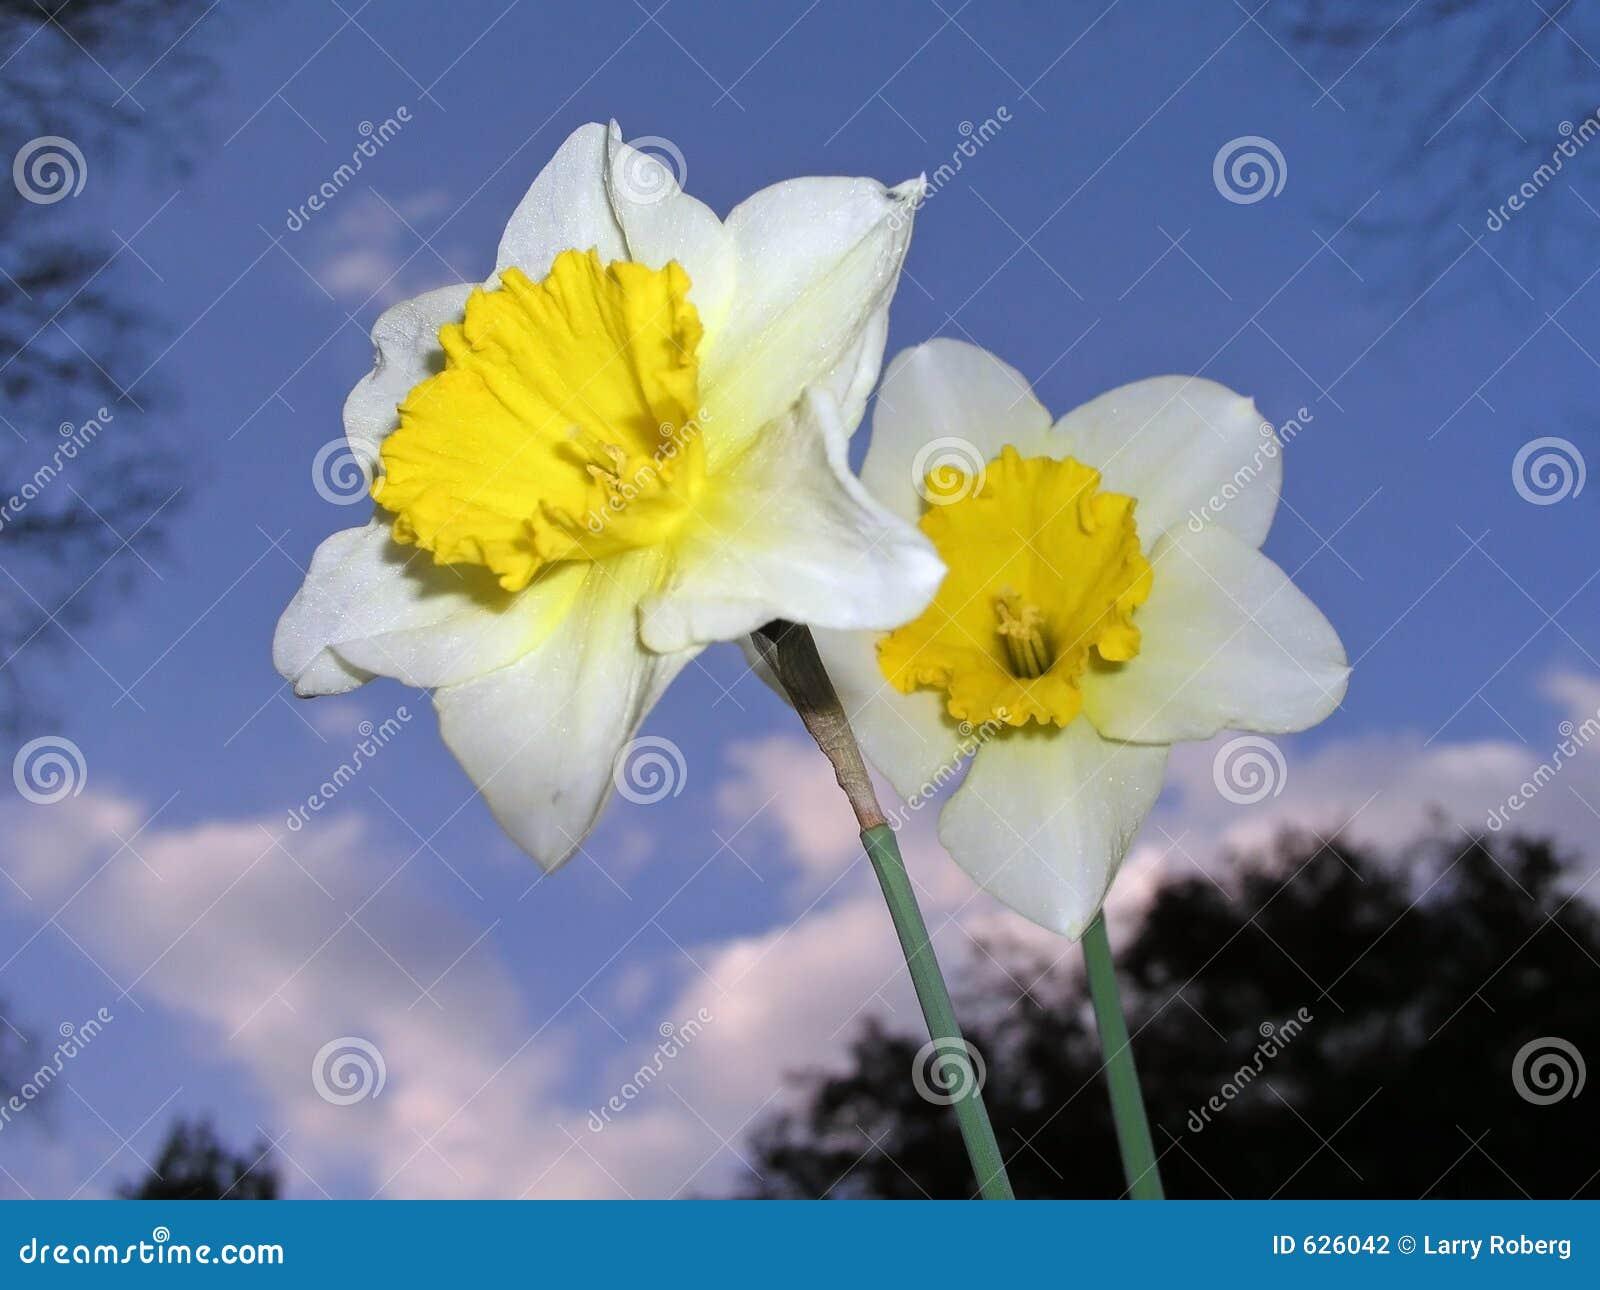 Download Daffodils стоковое фото. изображение насчитывающей кровопролитное - 626042